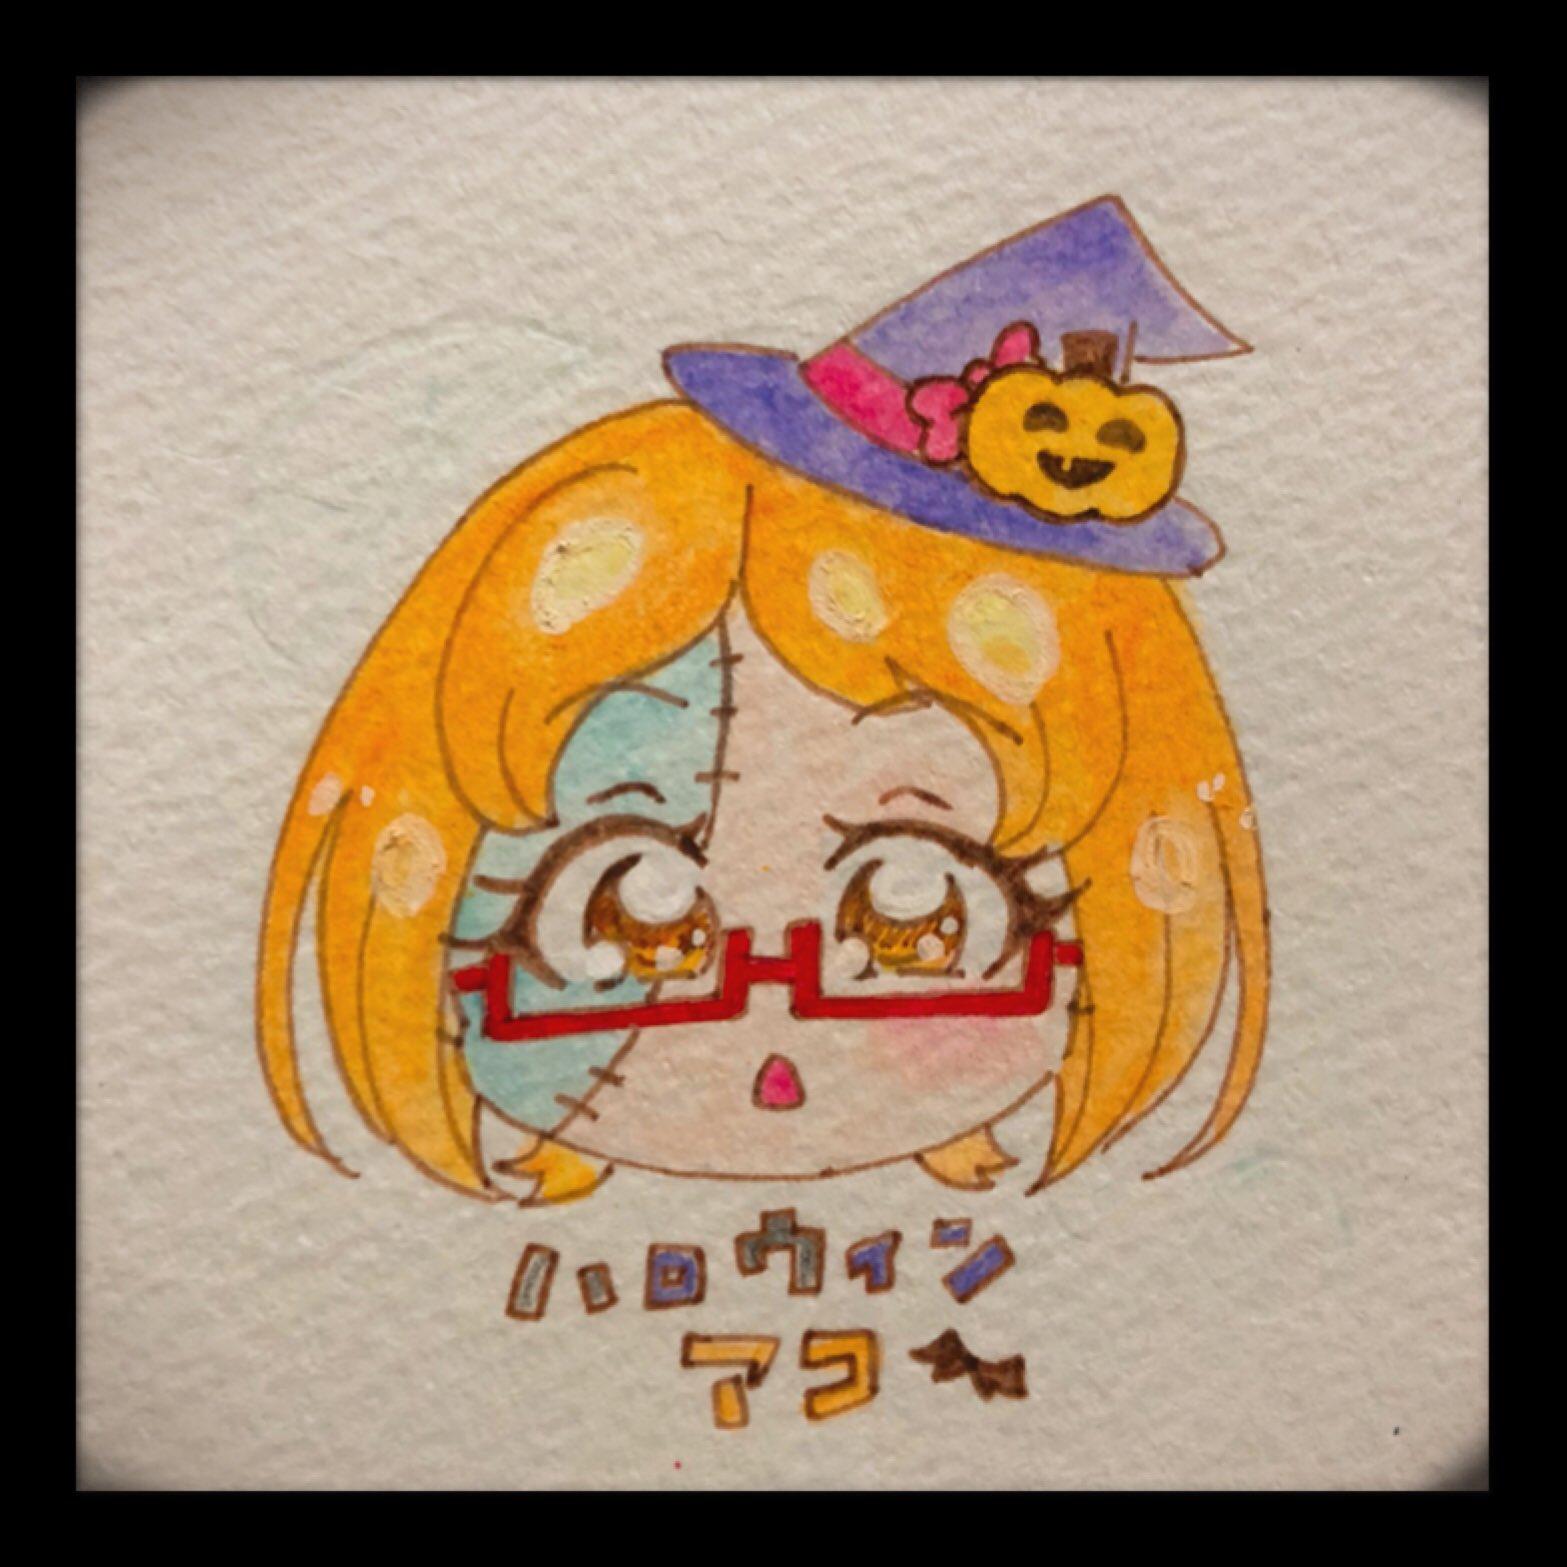 カエル子🐸 (@prkya_cute)さんのイラスト